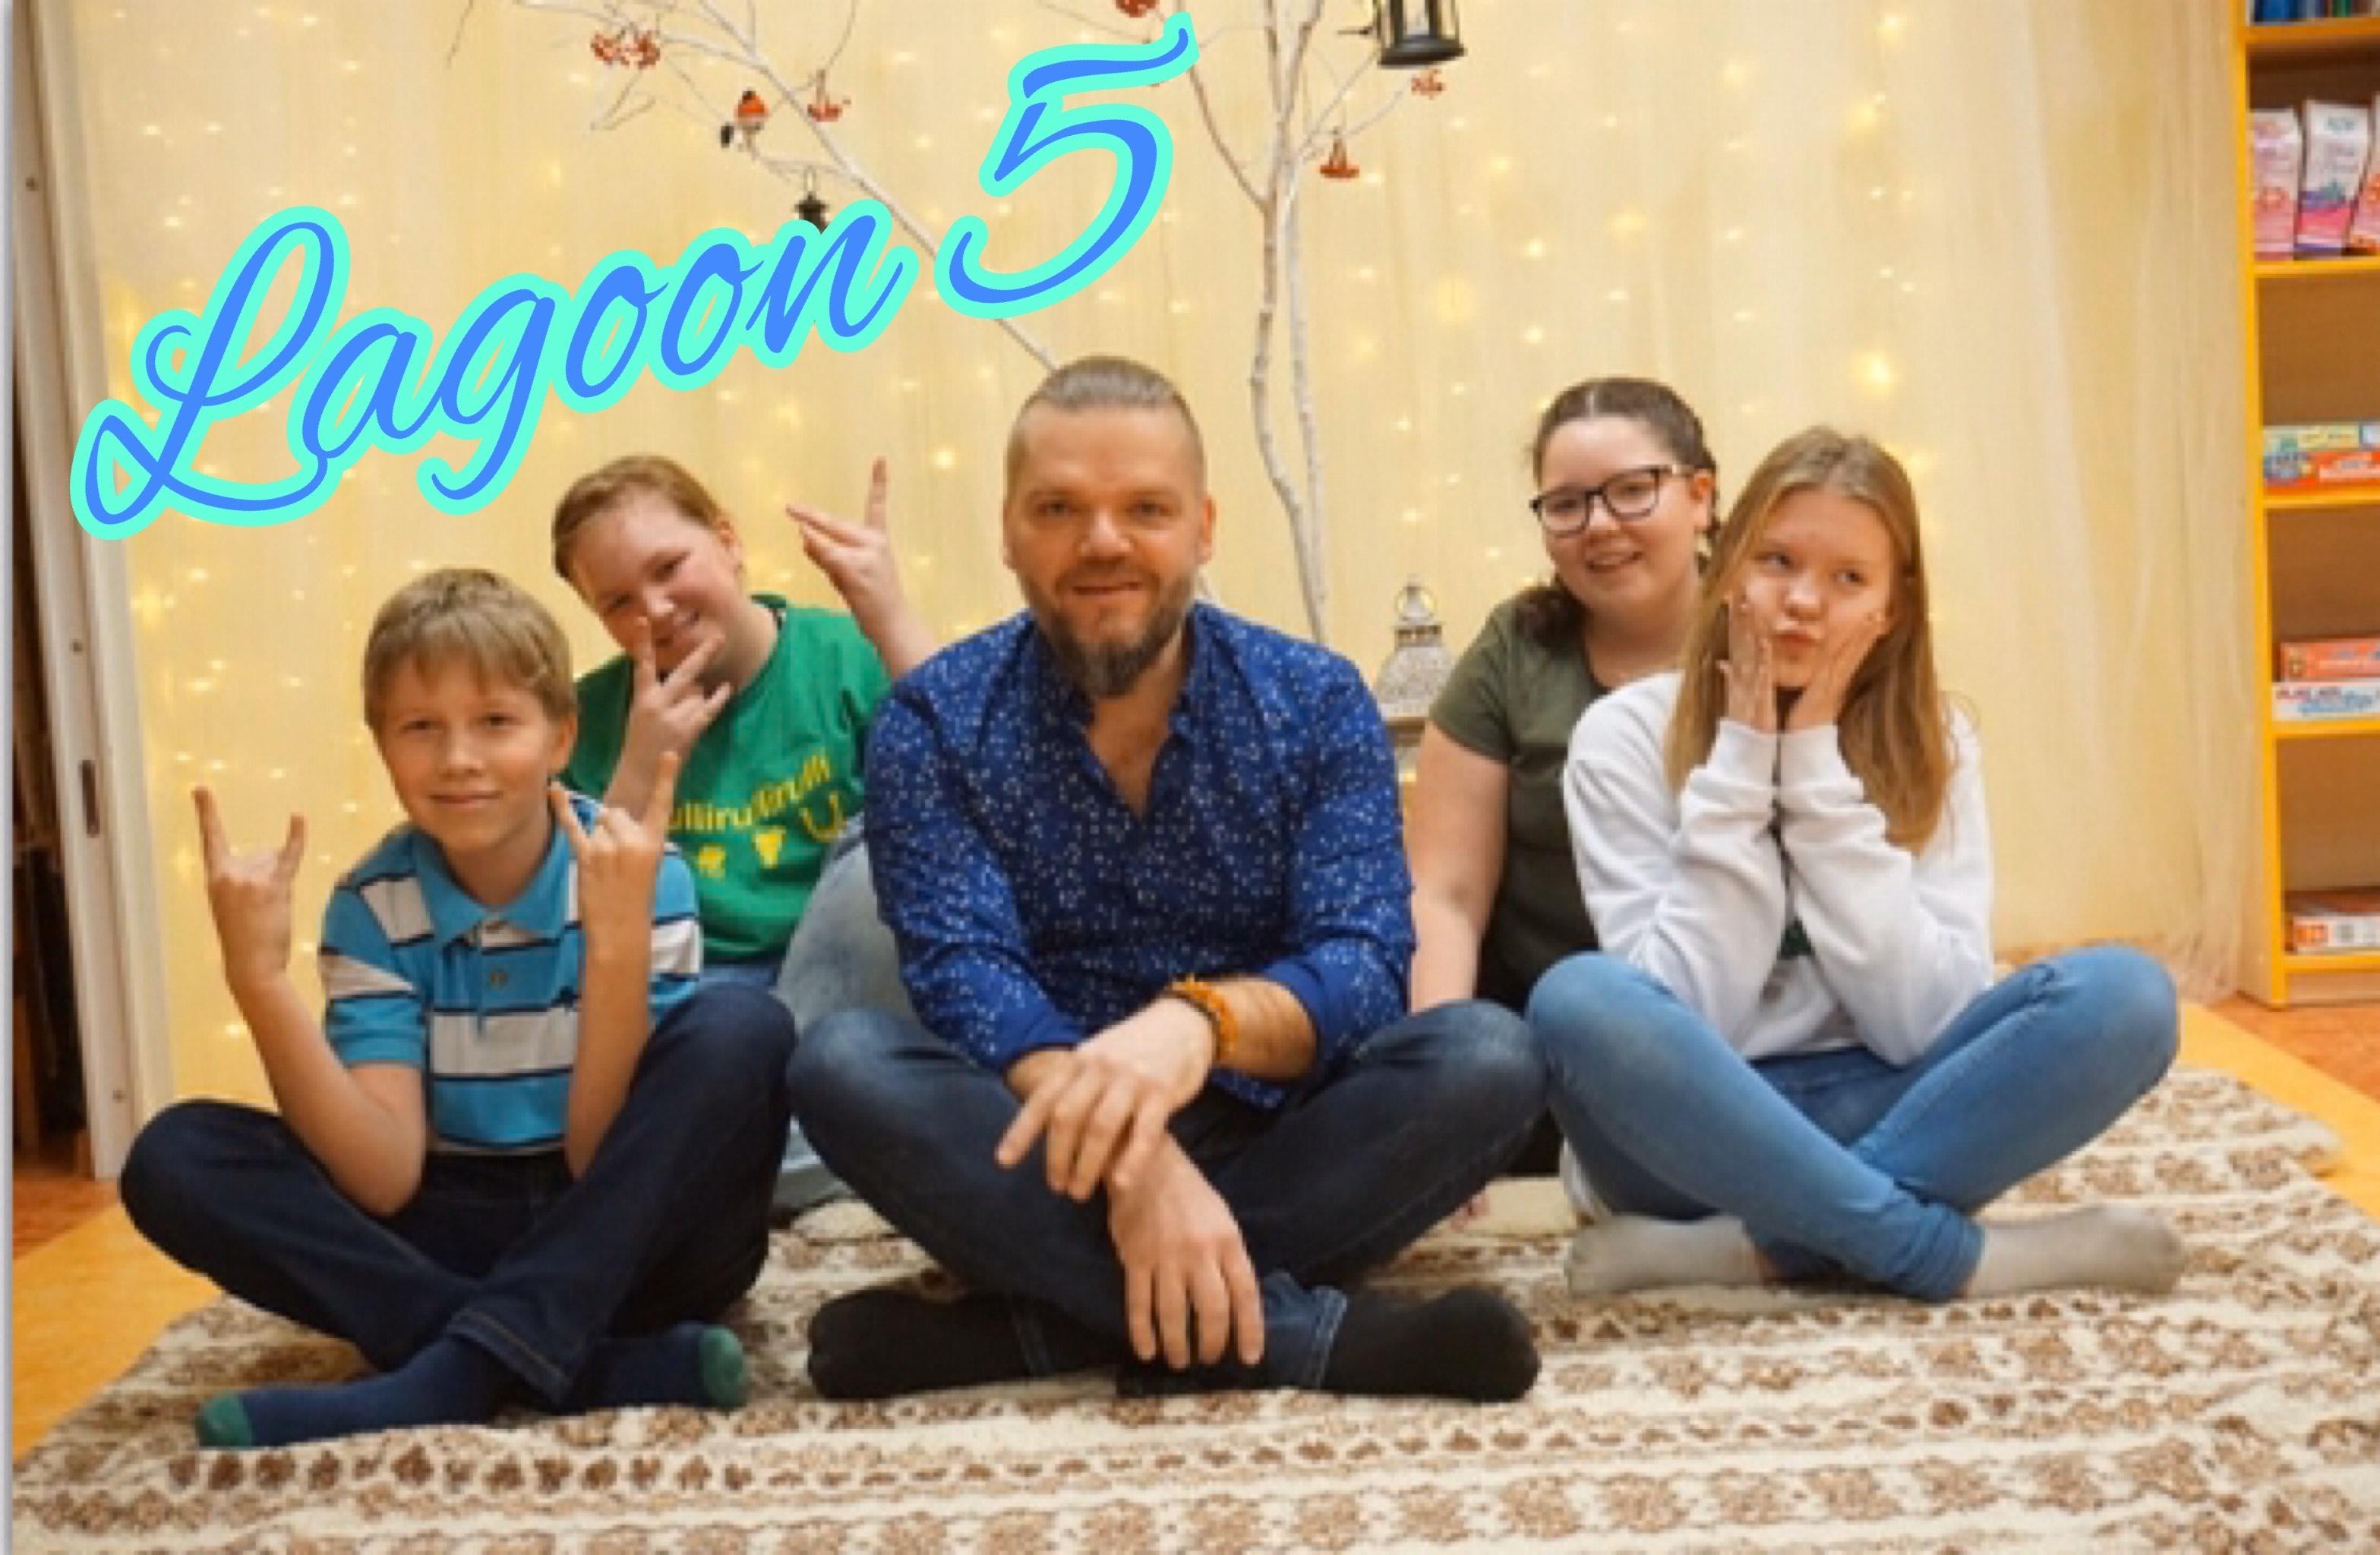 Lagoon5